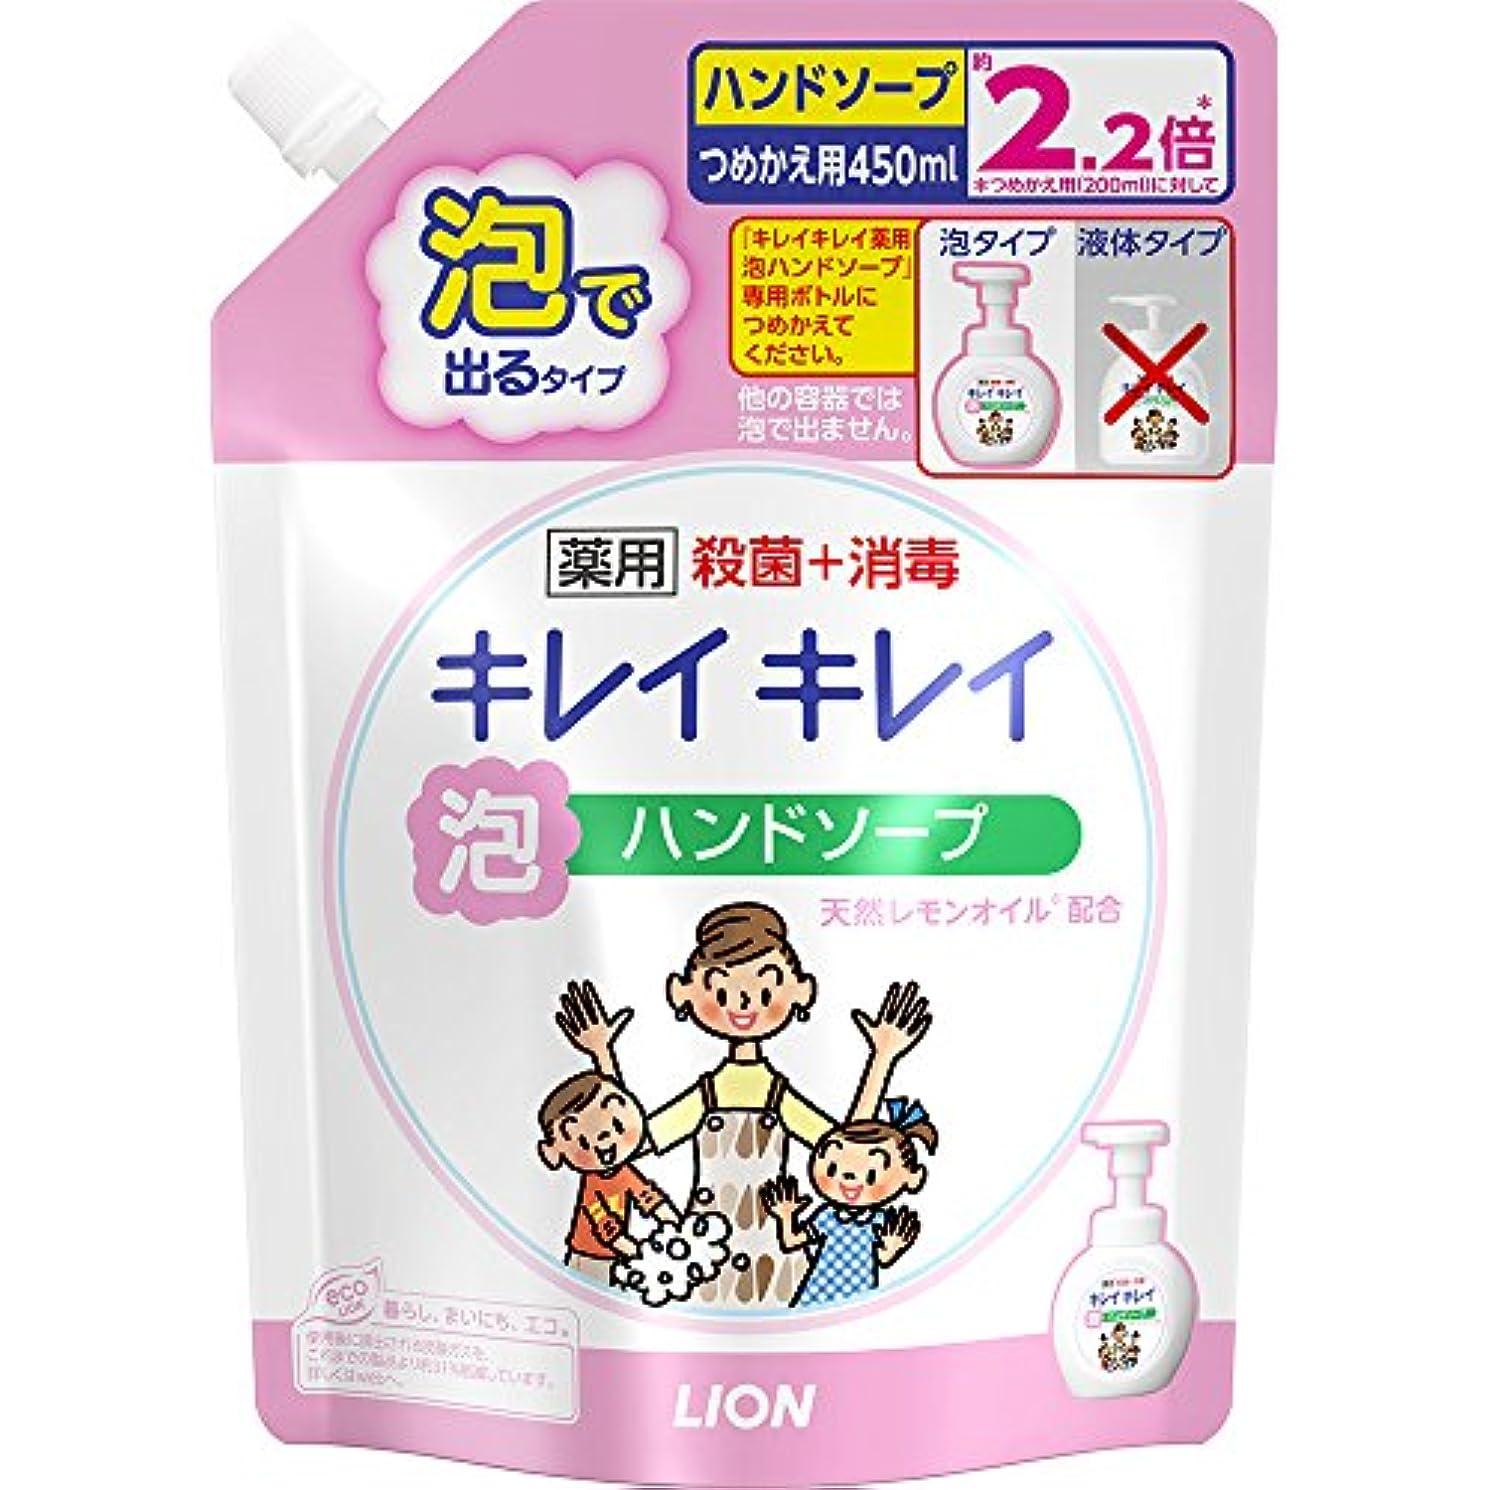 行予想外無知キレイキレイ 薬用 泡ハンドソープ シトラスフルーティの香り 詰め替え 450ml(医薬部外品)